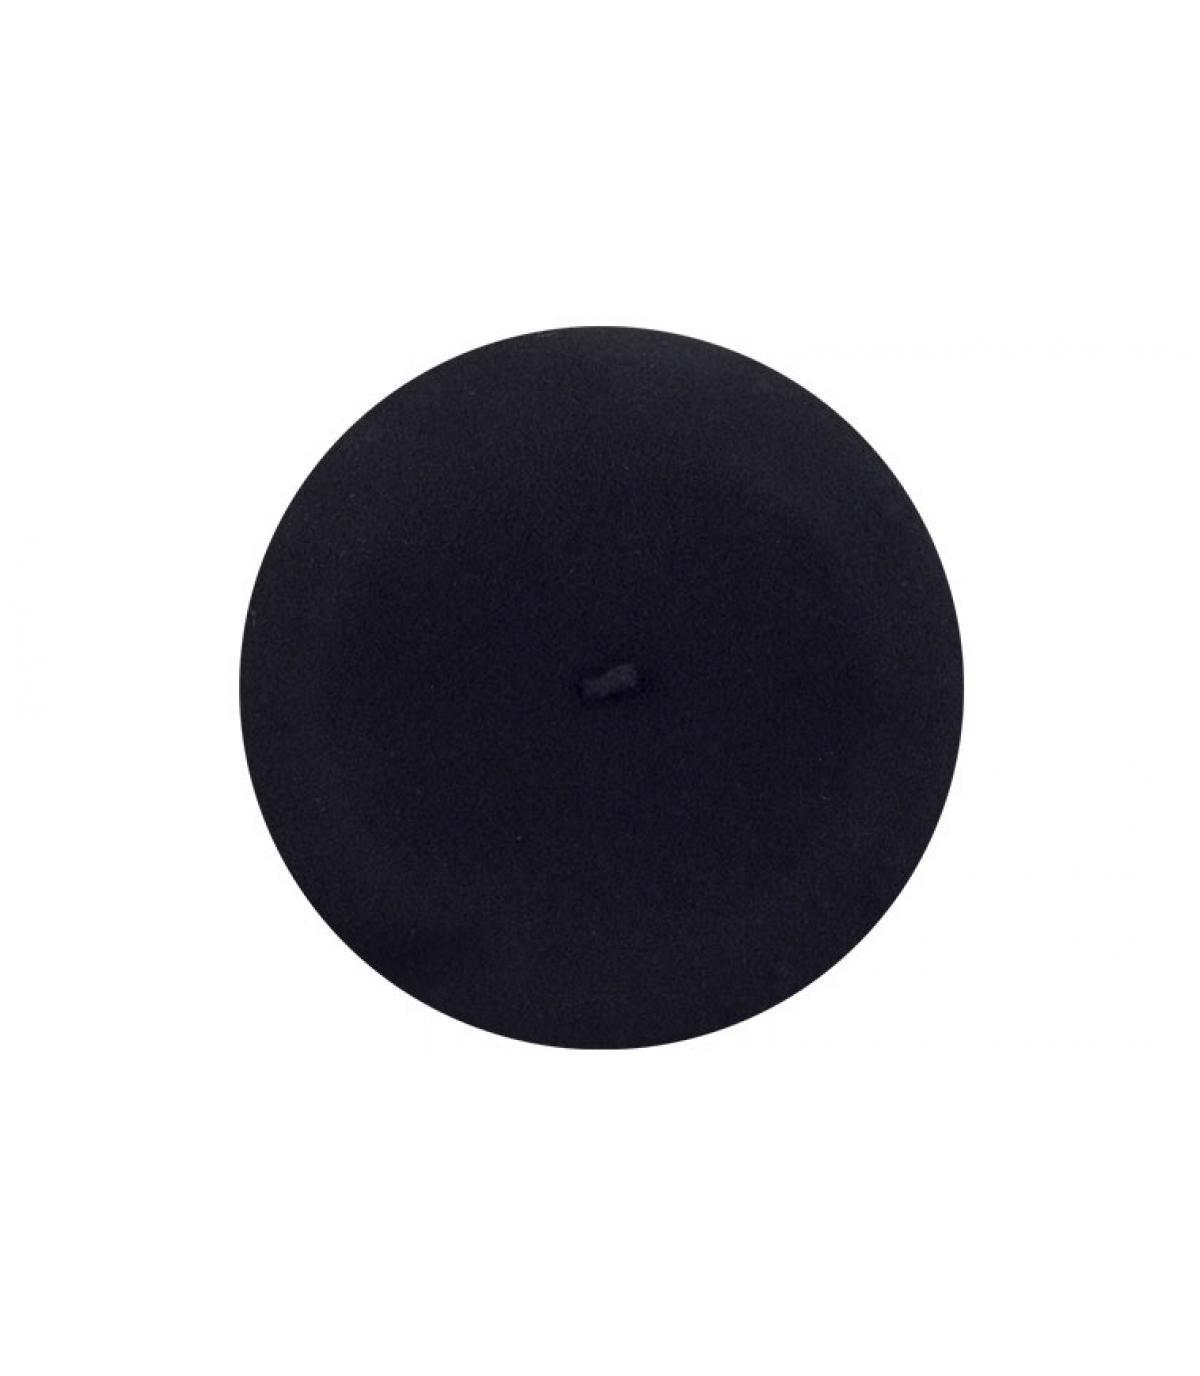 Détails Beret splendid noir - image 3